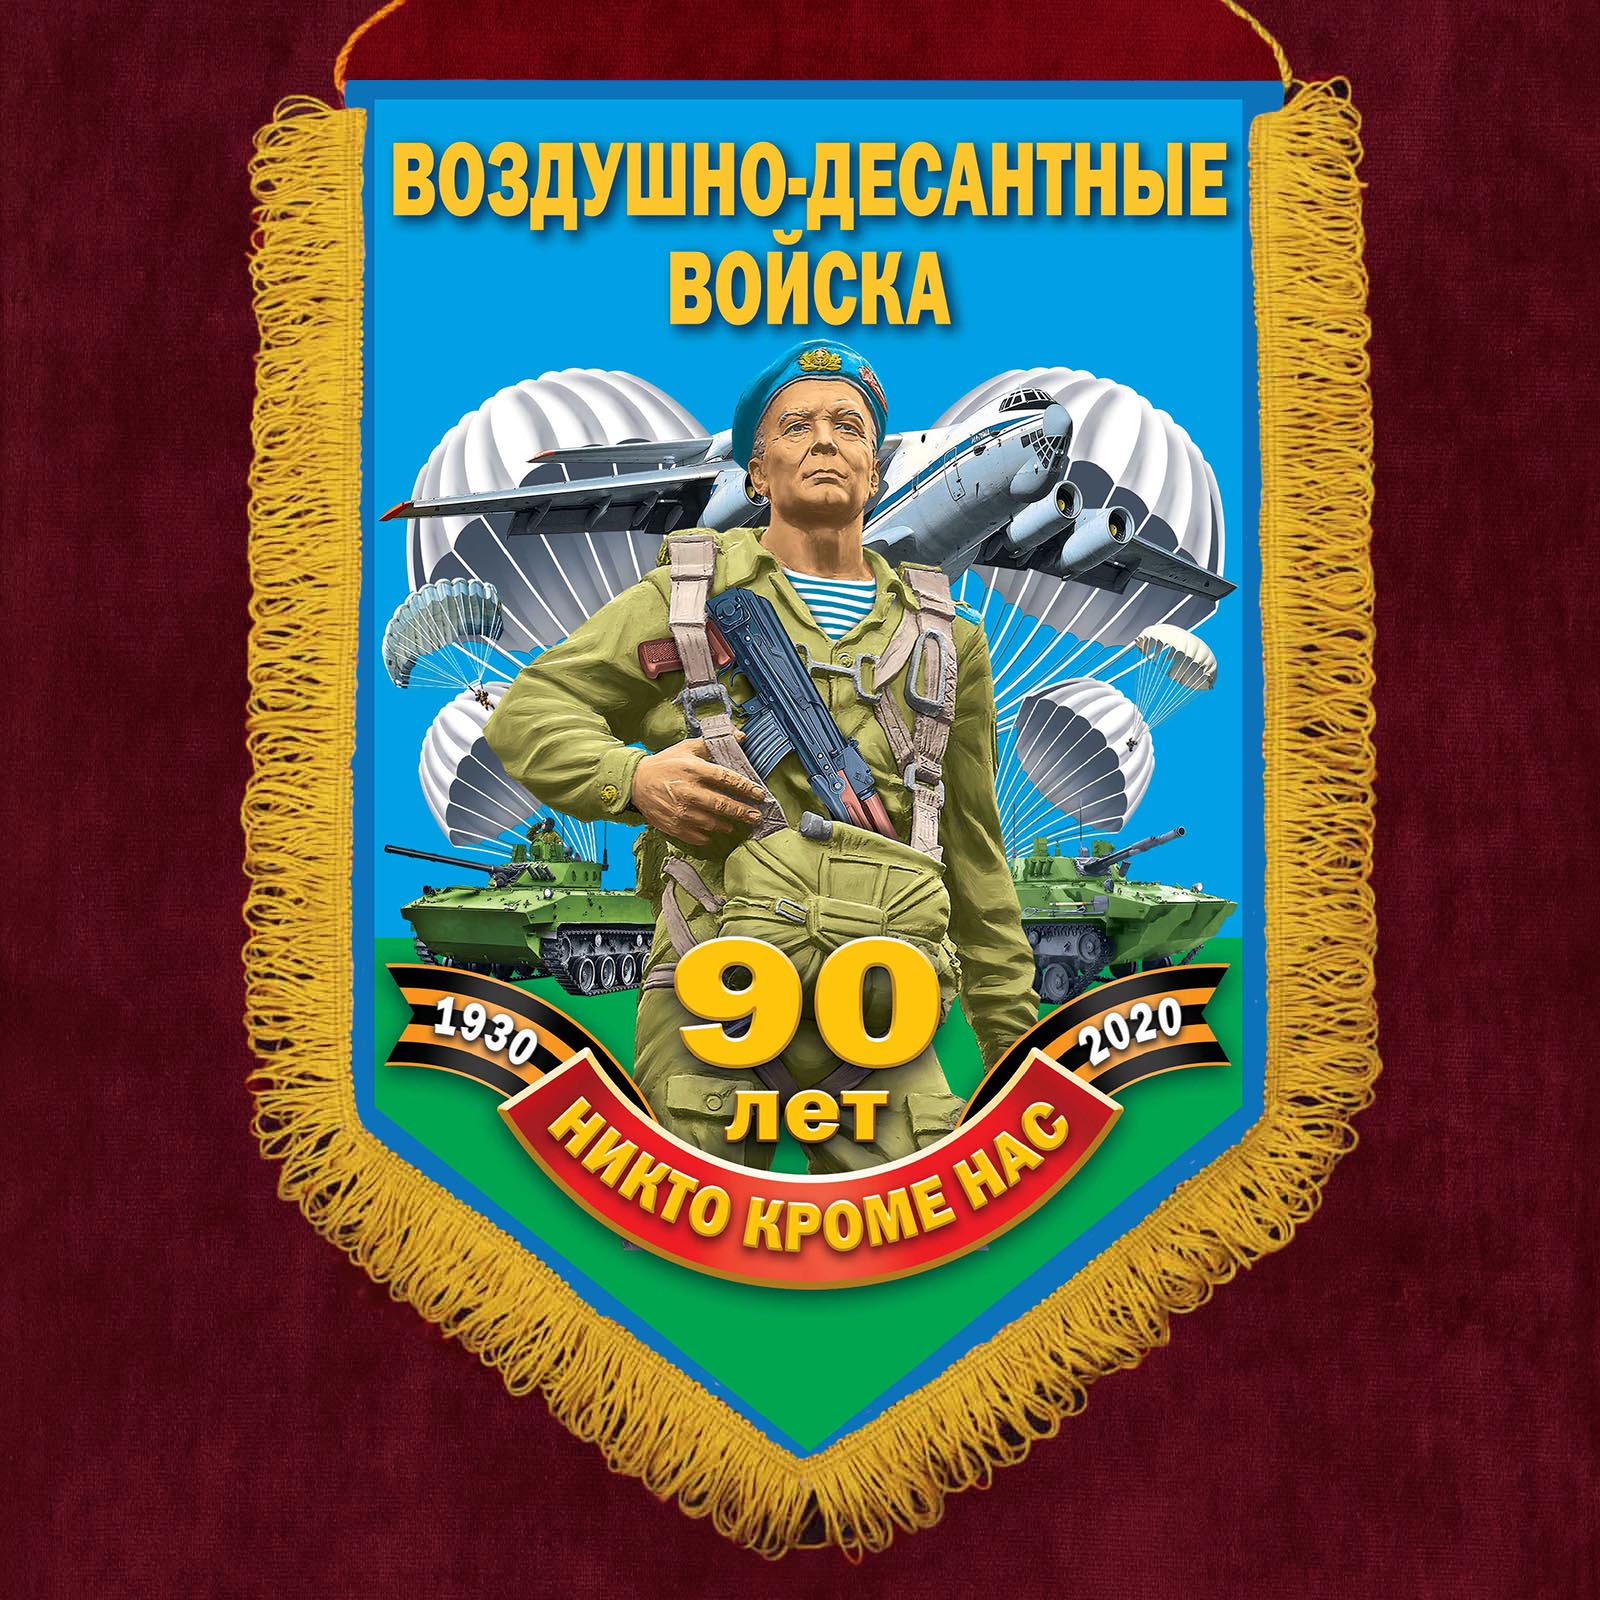 """Подарочный вымпел """"90 лет Воздушно-десантным войскам"""""""